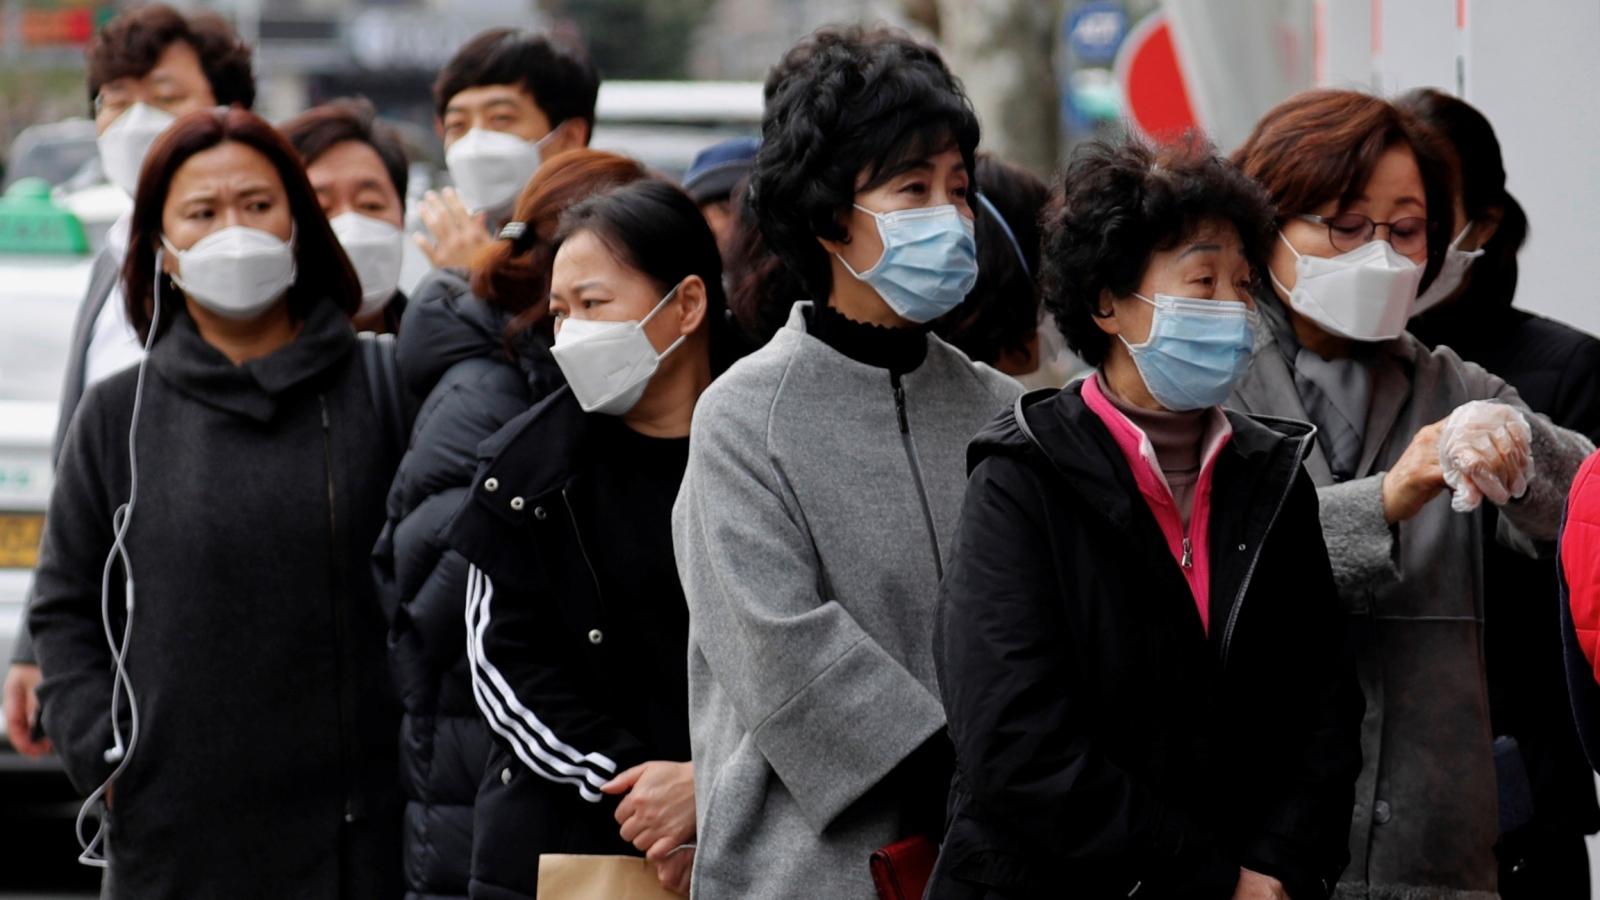 Hàn Quốc: Số ca mới mắc Covid-19 dừng ở mức 1 con số